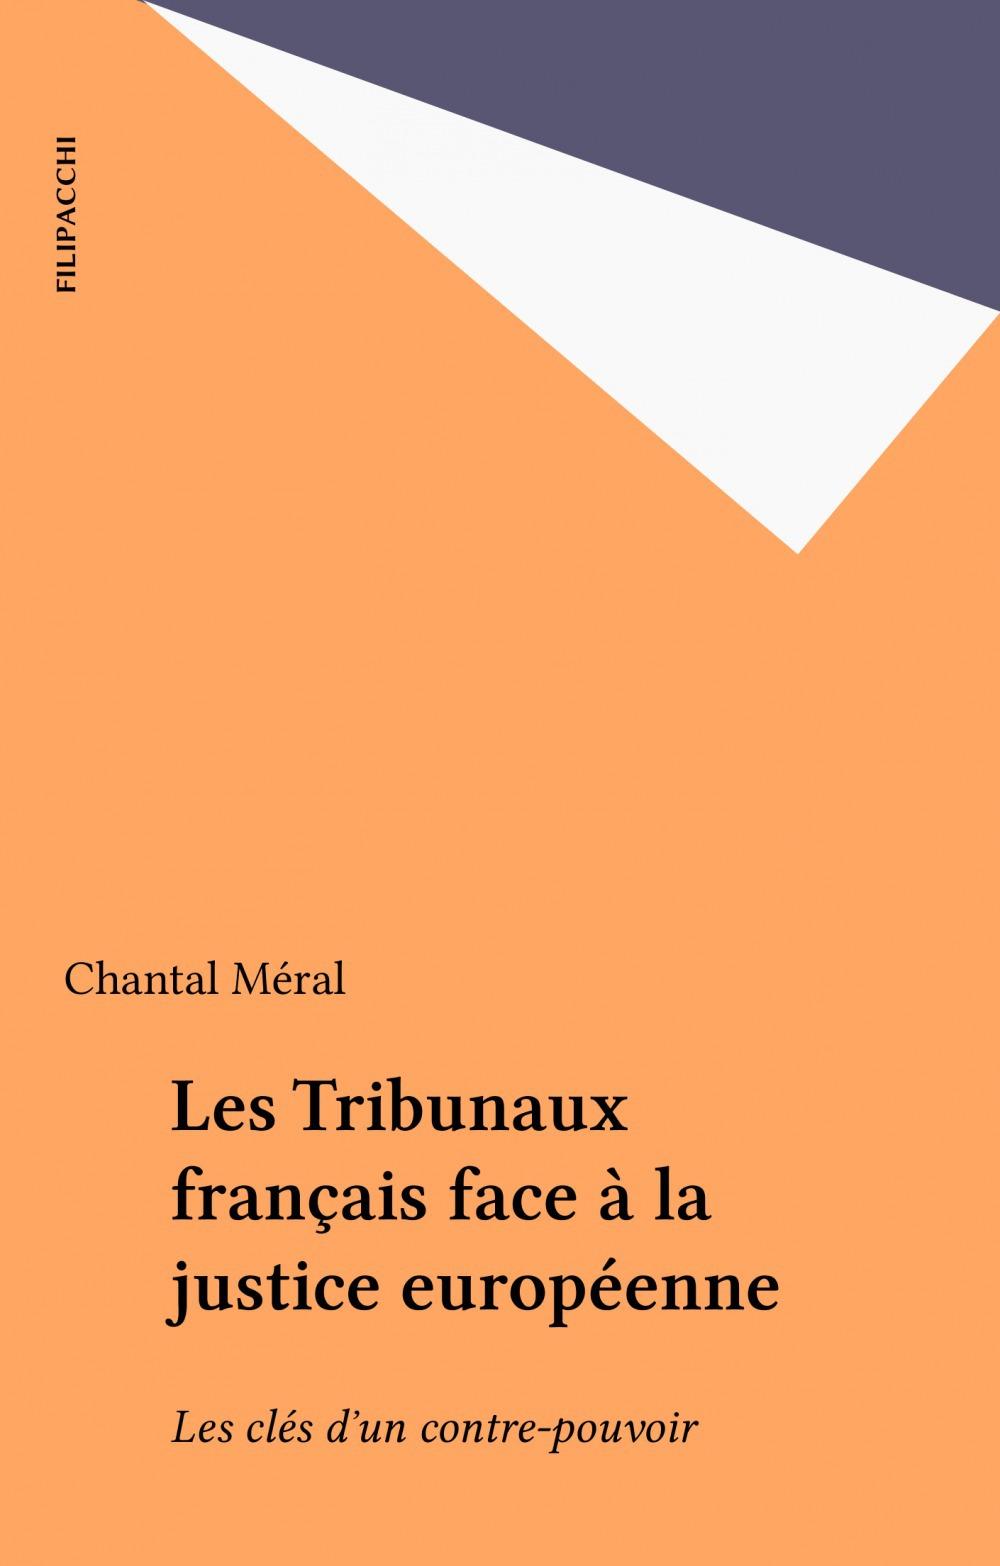 Les tribunaux francais face a la justice europeenne